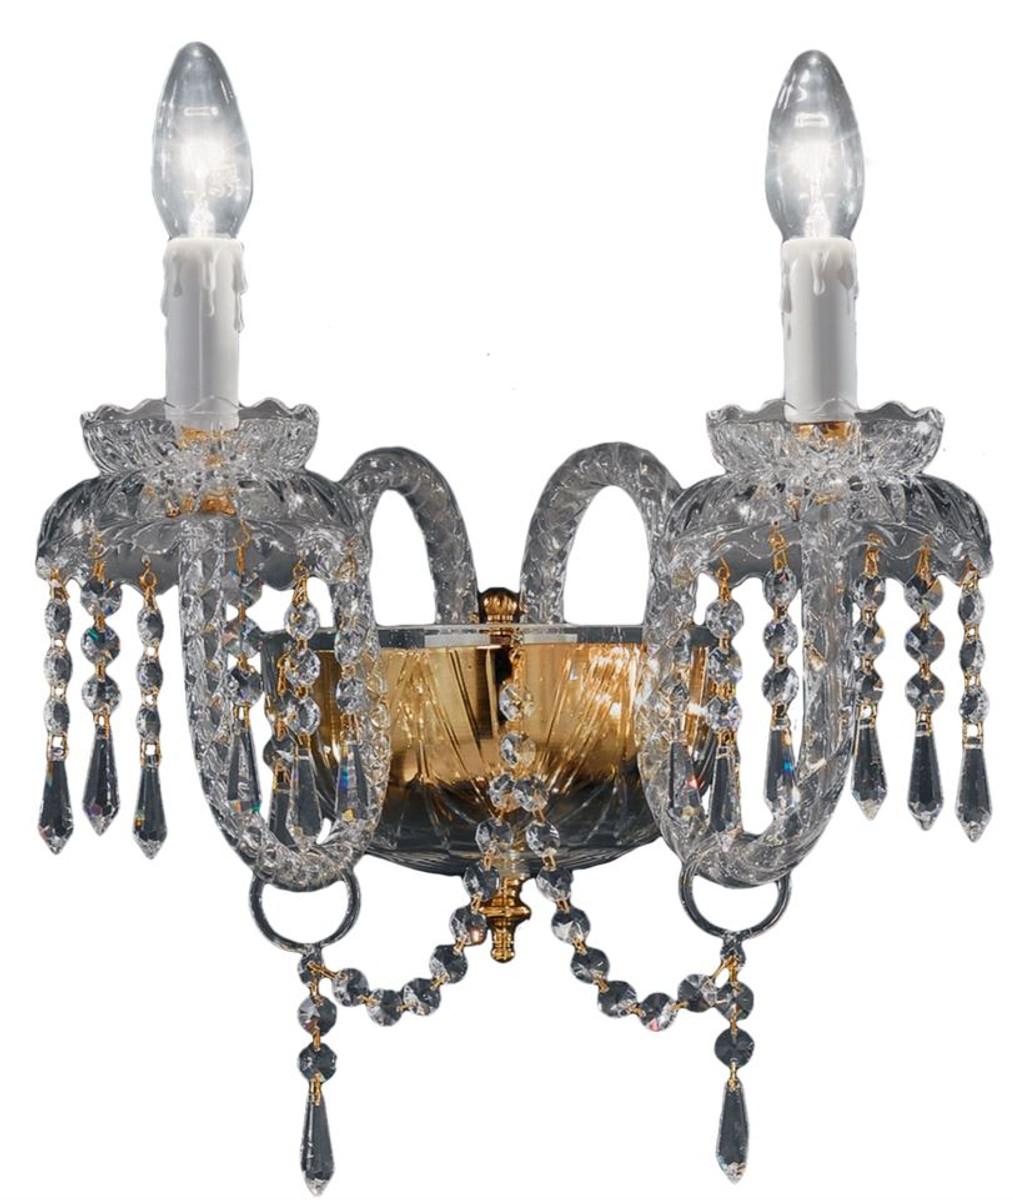 Poltrone In Plastica Stile Barocco.Casa Padrino Lampada Da Parete In Vetro Stile Barocco In Ottone